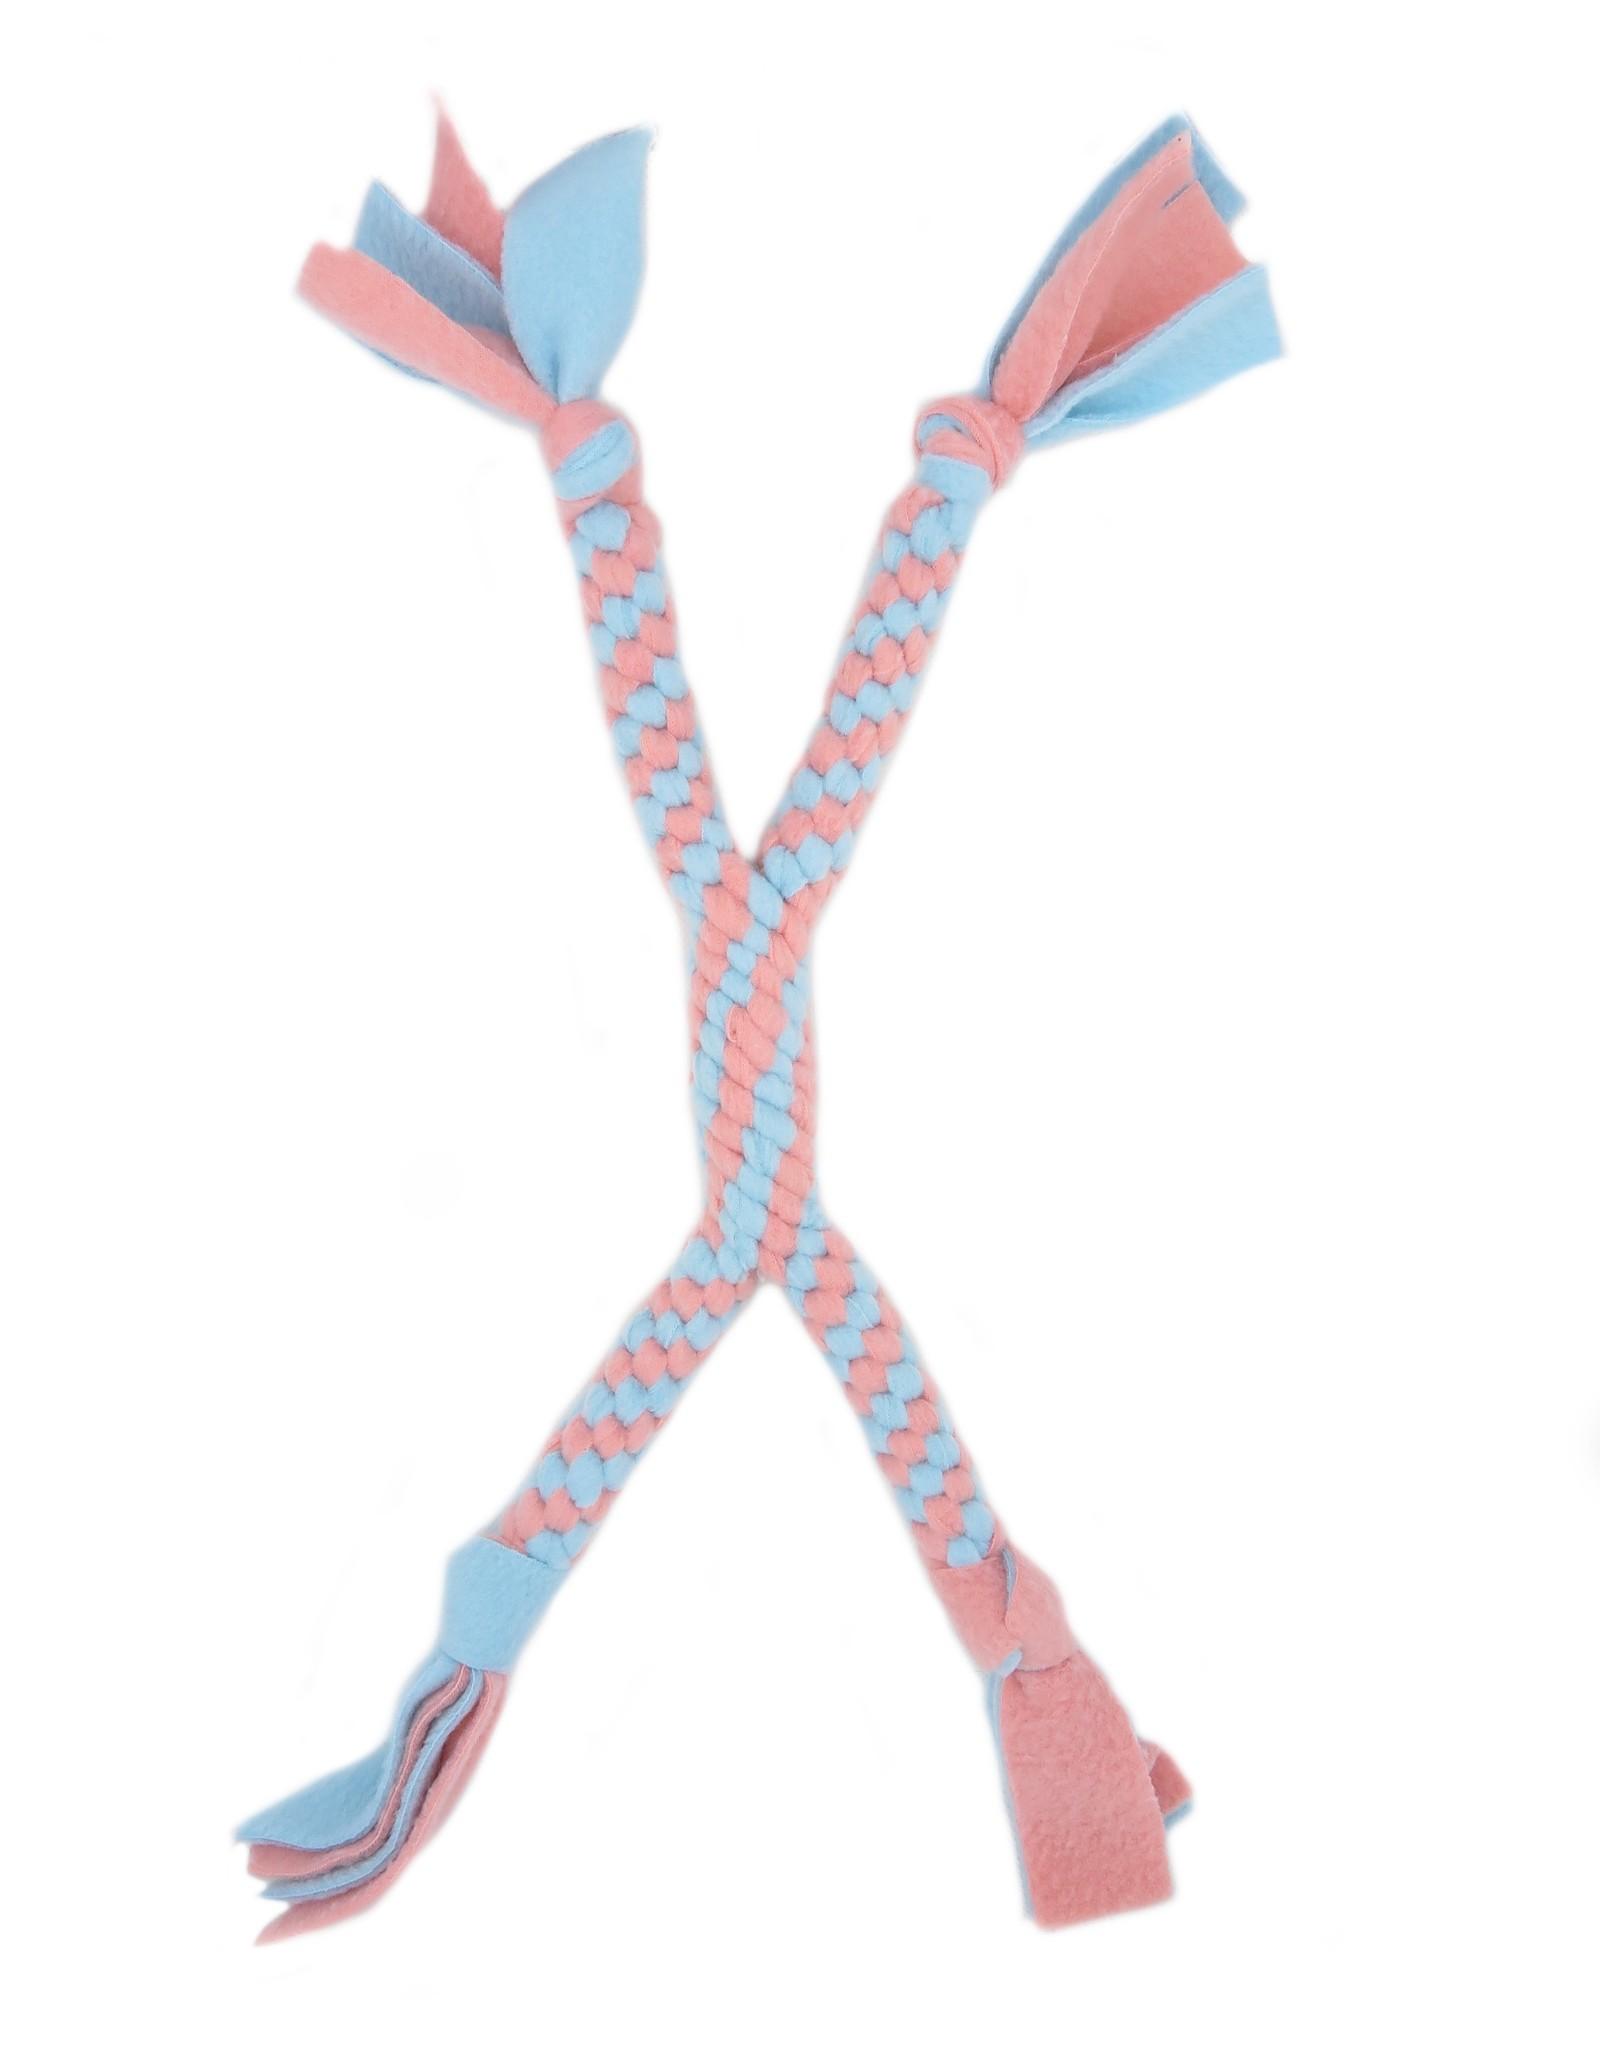 Fleecetoy Criss cross blue pink